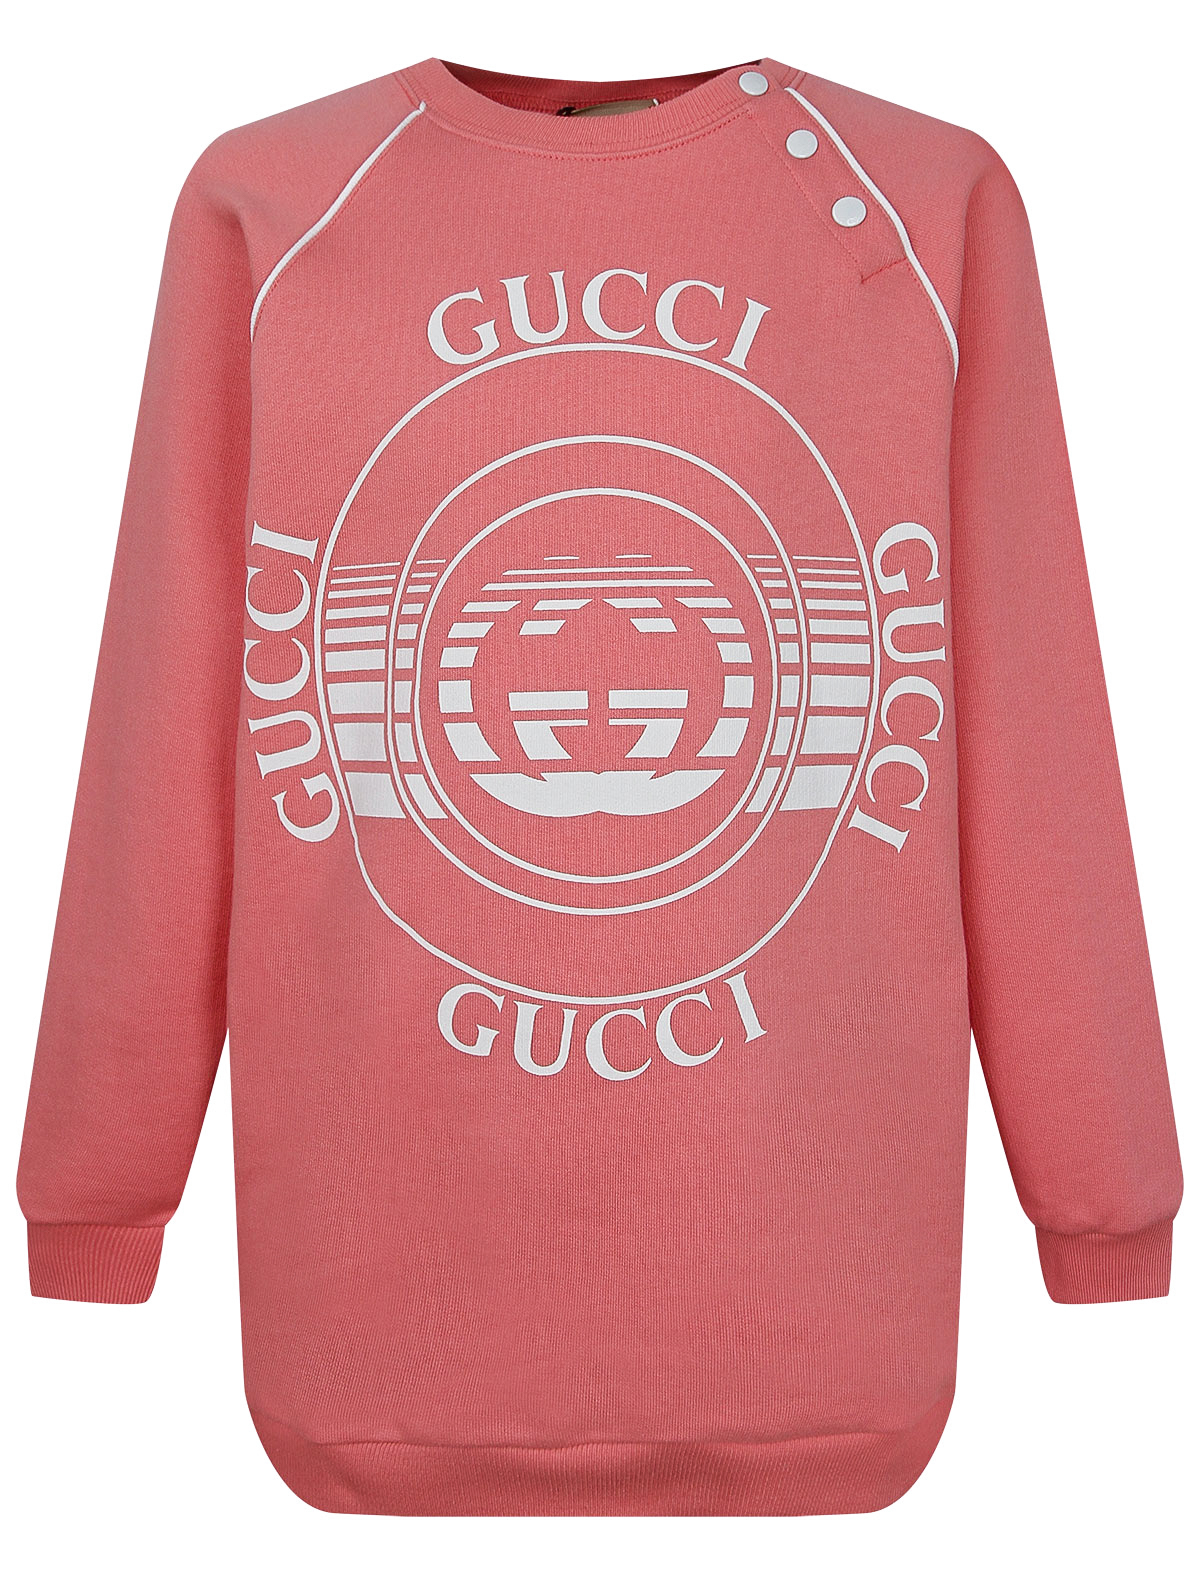 Купить 2276062, Свитшот GUCCI, розовый, Женский, 0084509171867